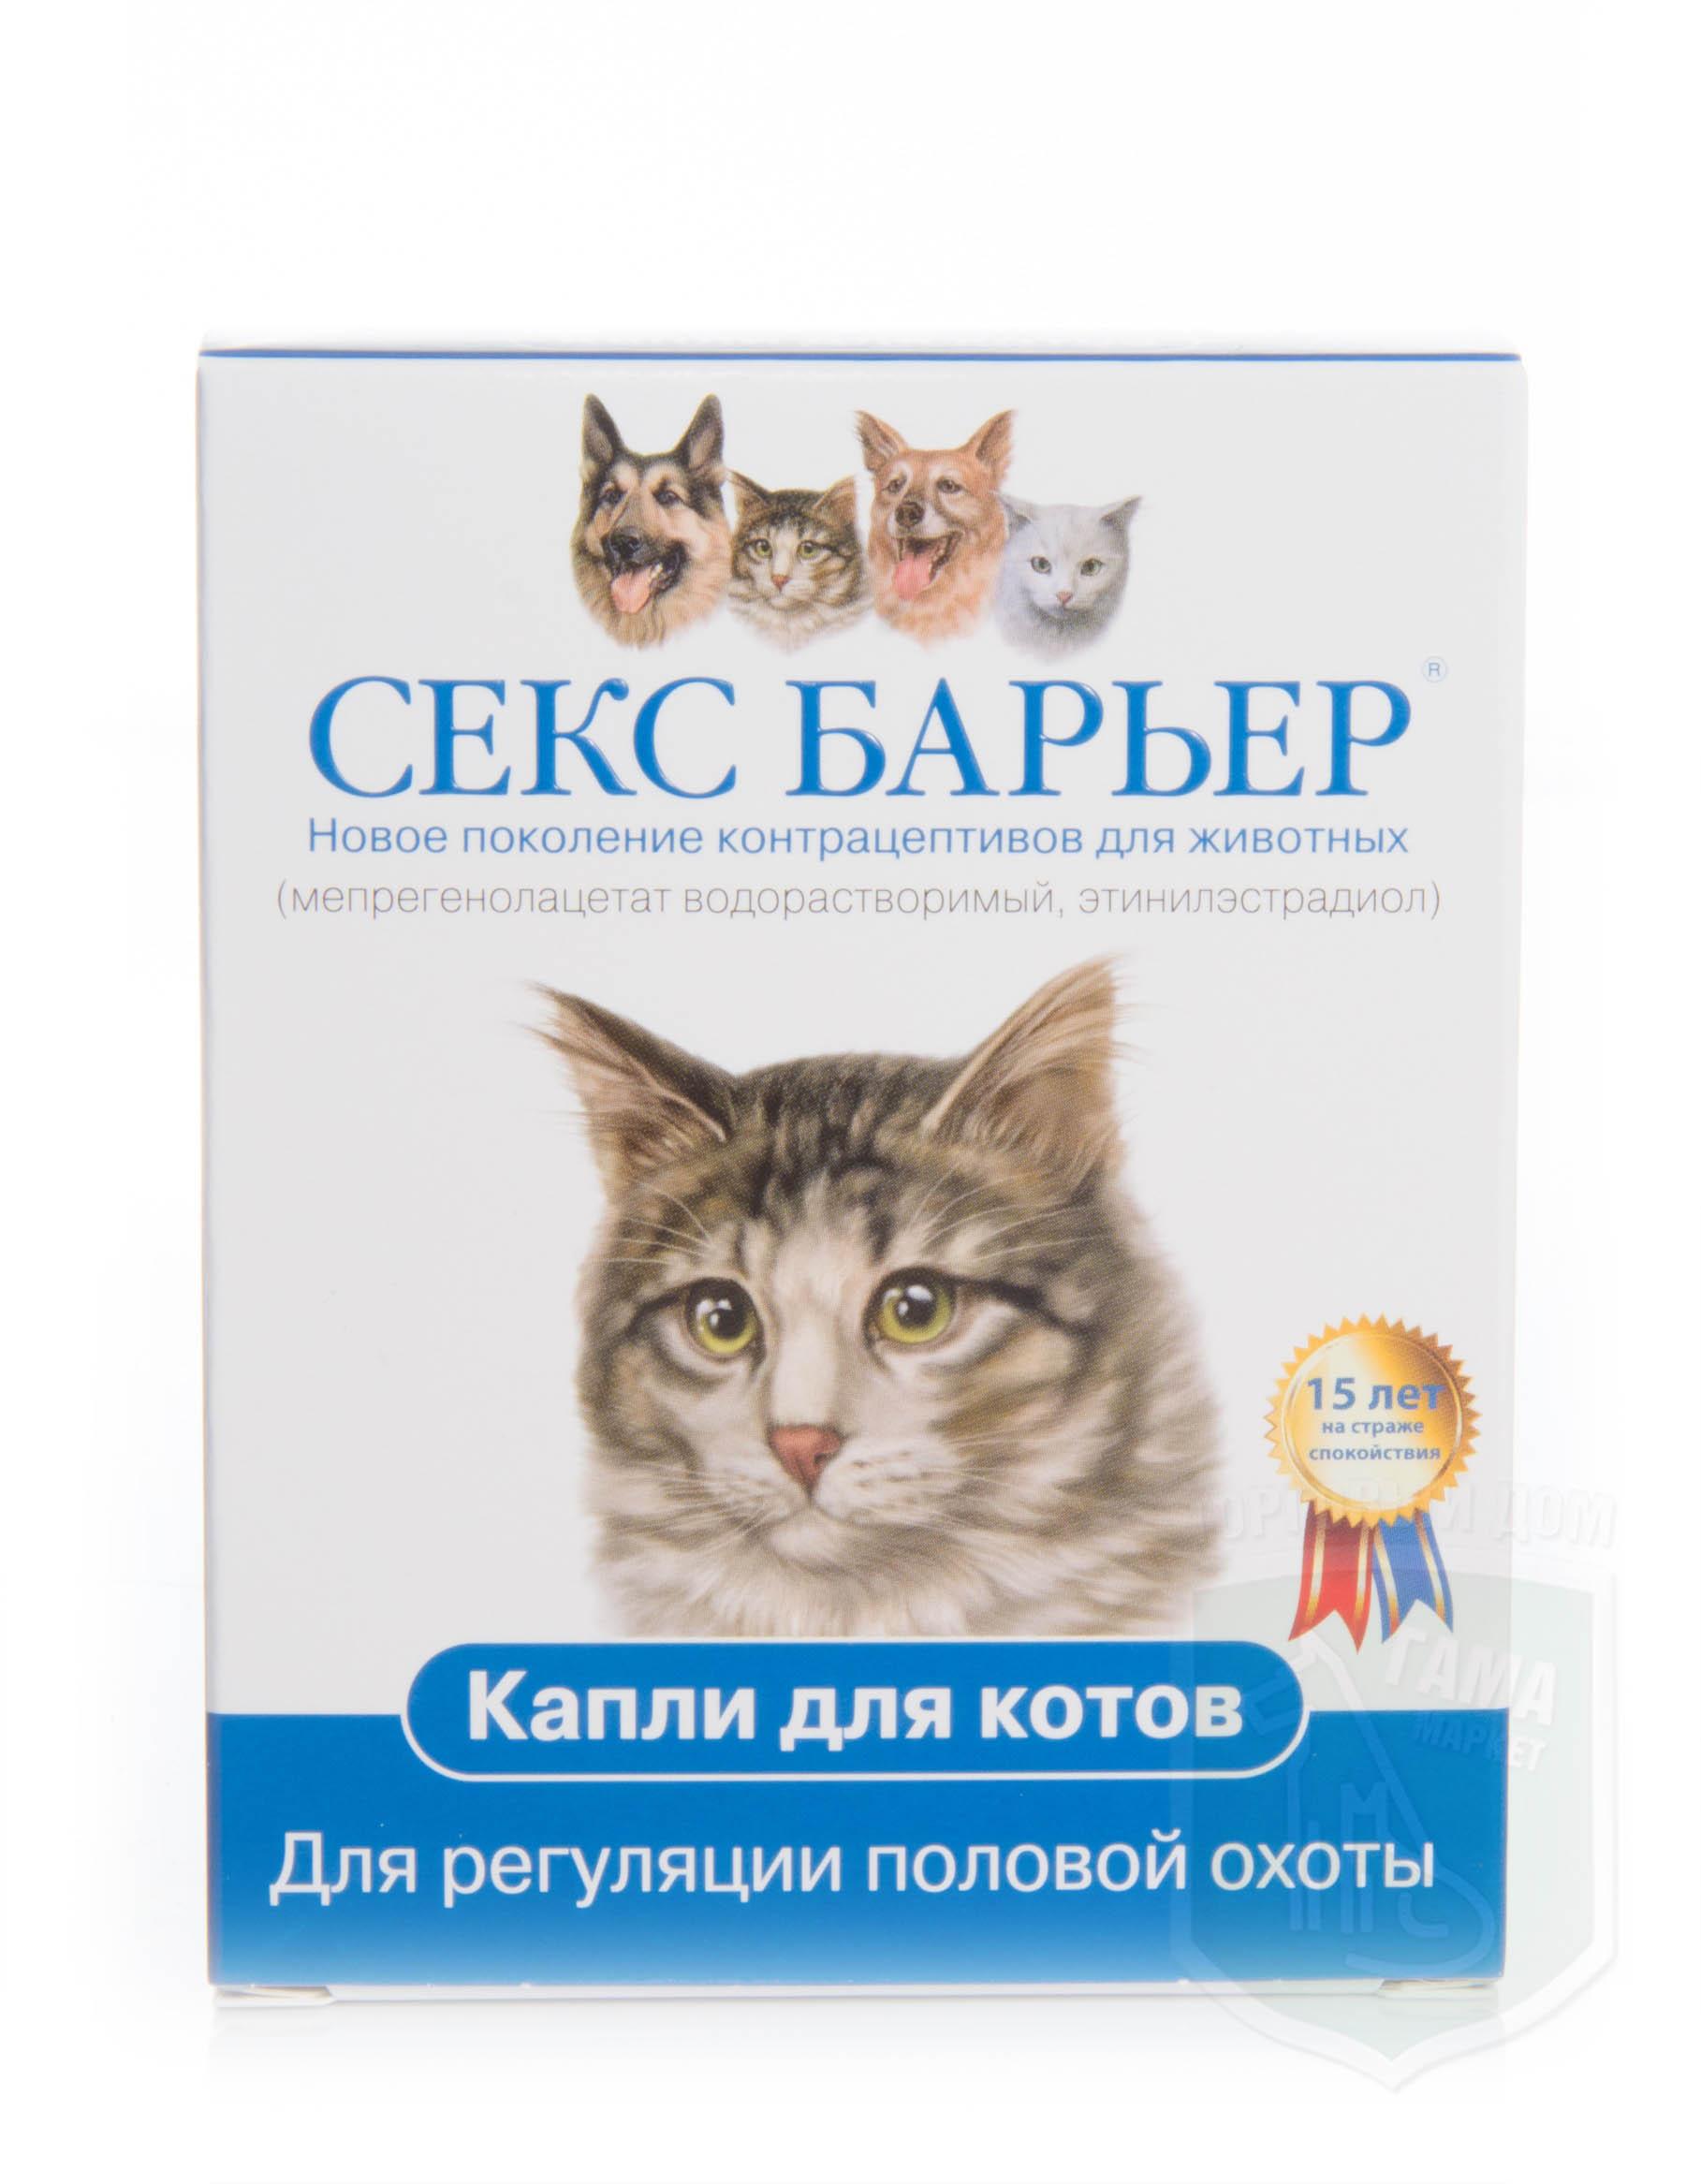 Секс барьер для кошек опт цены